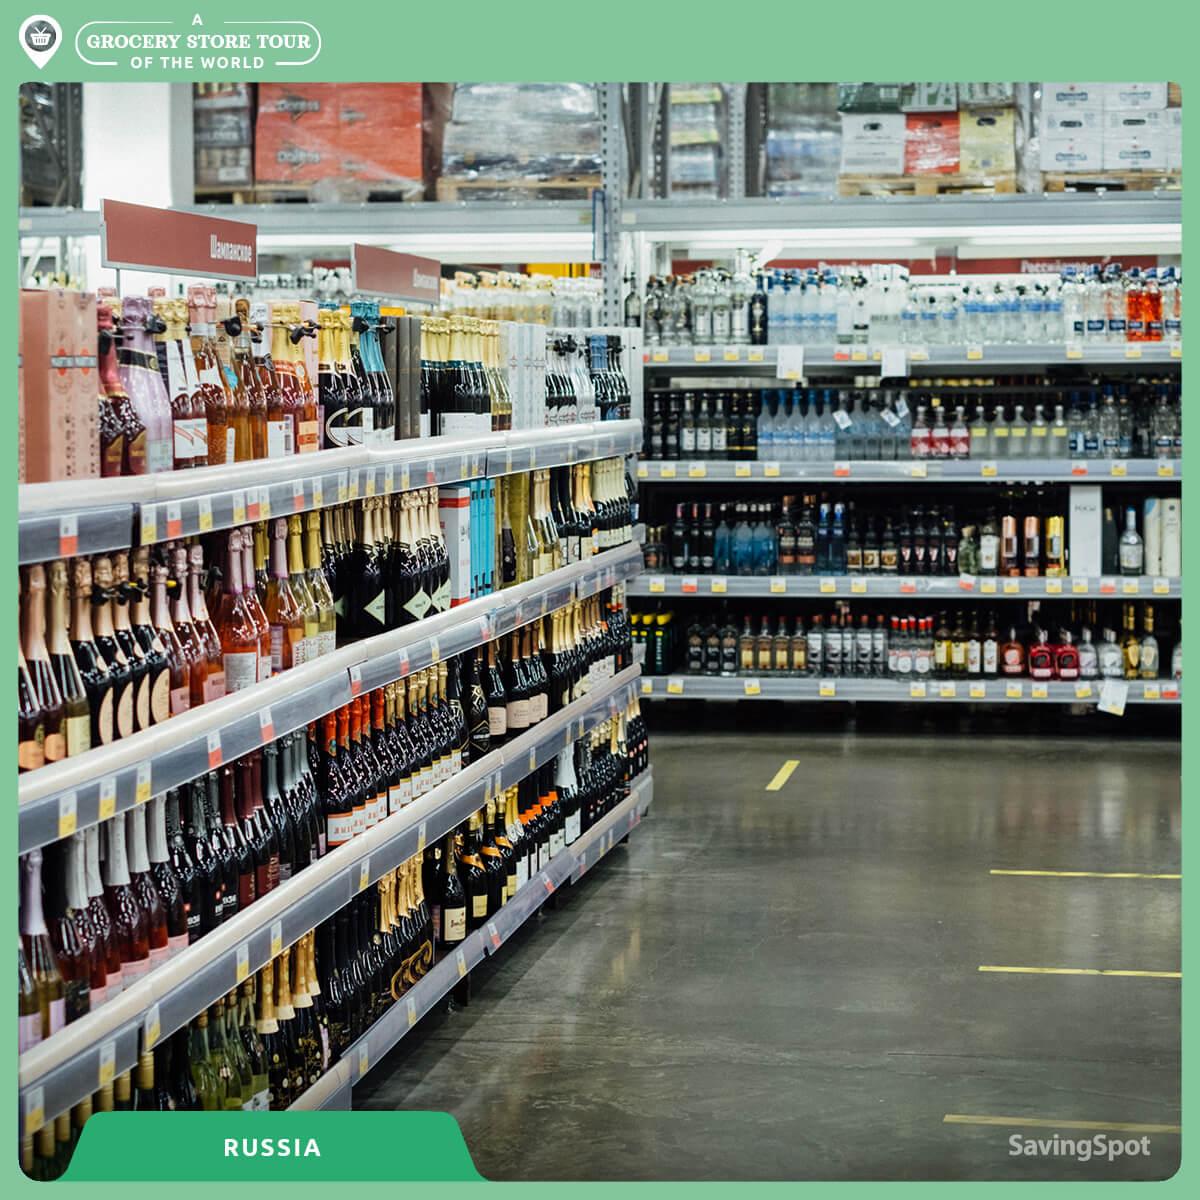 Ο διάδρομος με τα ποτά στην Ρωσία. Φωτογραφία: SavingSpot